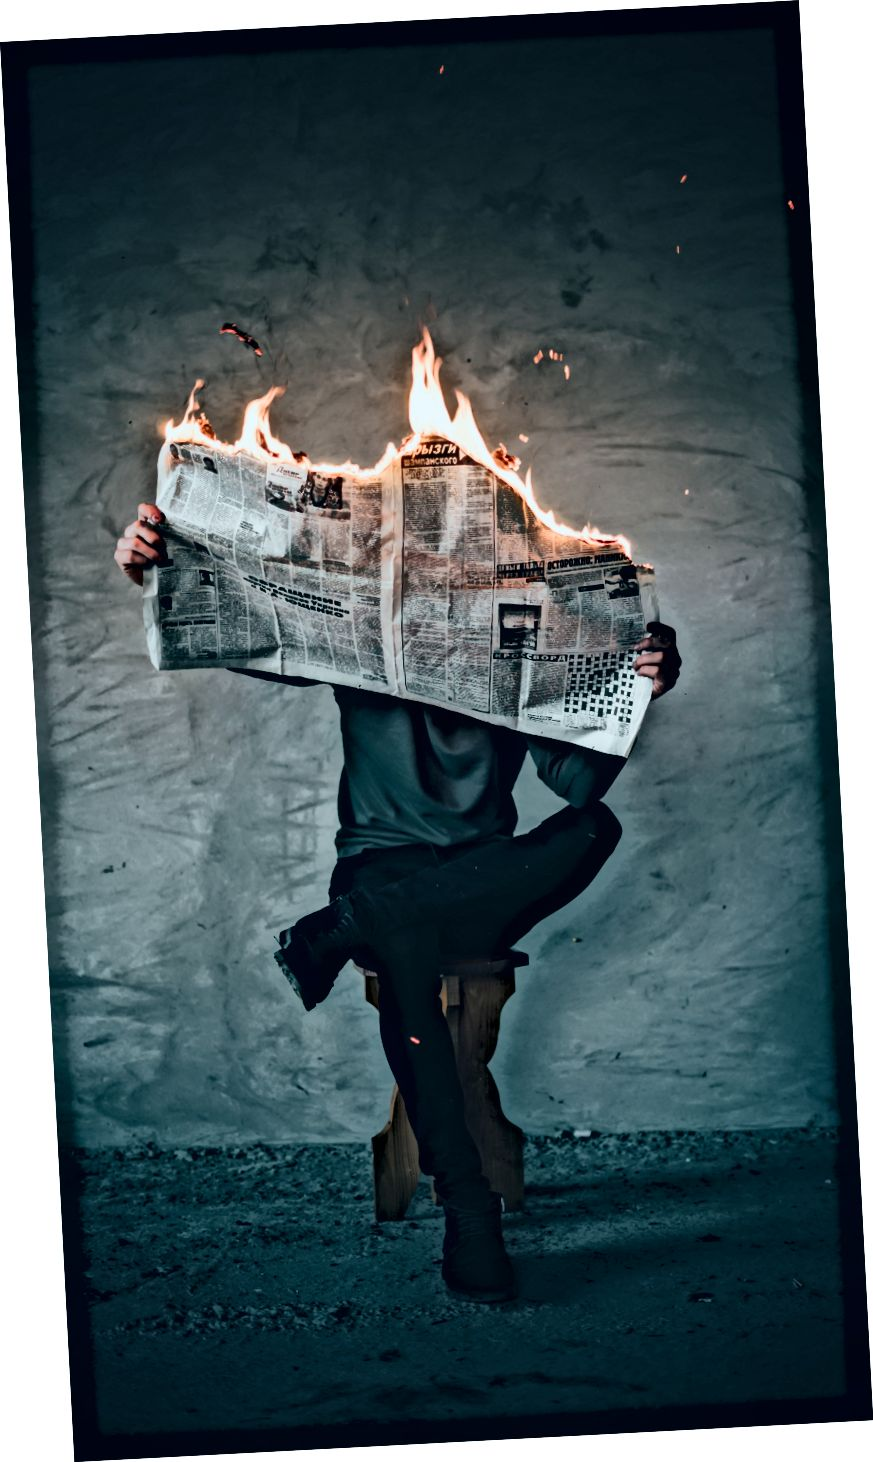 Ljósmynd eftir Elijah O'Donnell á Unsplash